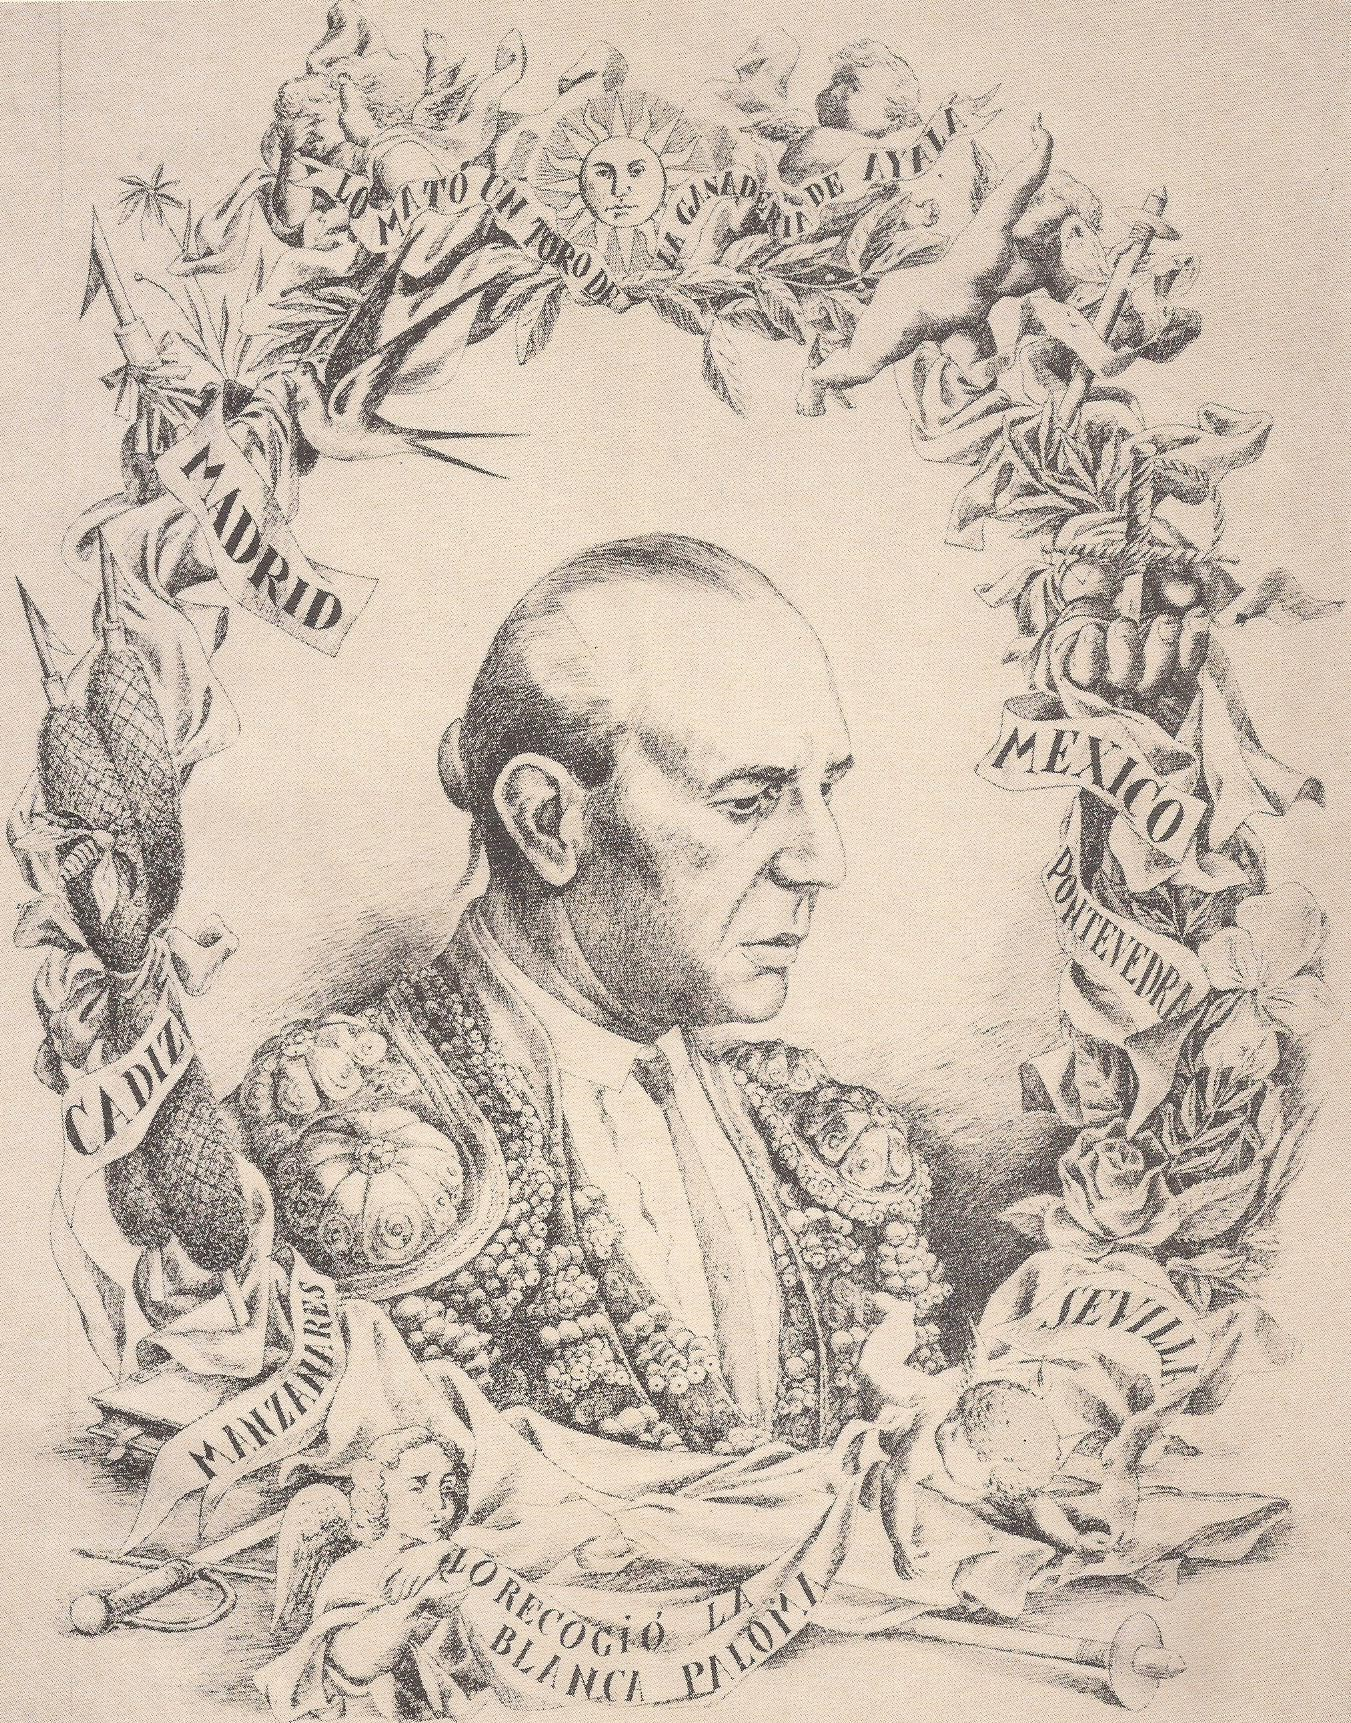 Ilustración de José Caballero para la primera edición. En ésta Lorca dudaba entre las palabras a elegir para poner en la orla. Cambió el nombre de la Virgen y se negó a que apareciera el nombre del toro que acabó con la vida del torero, Granadino.